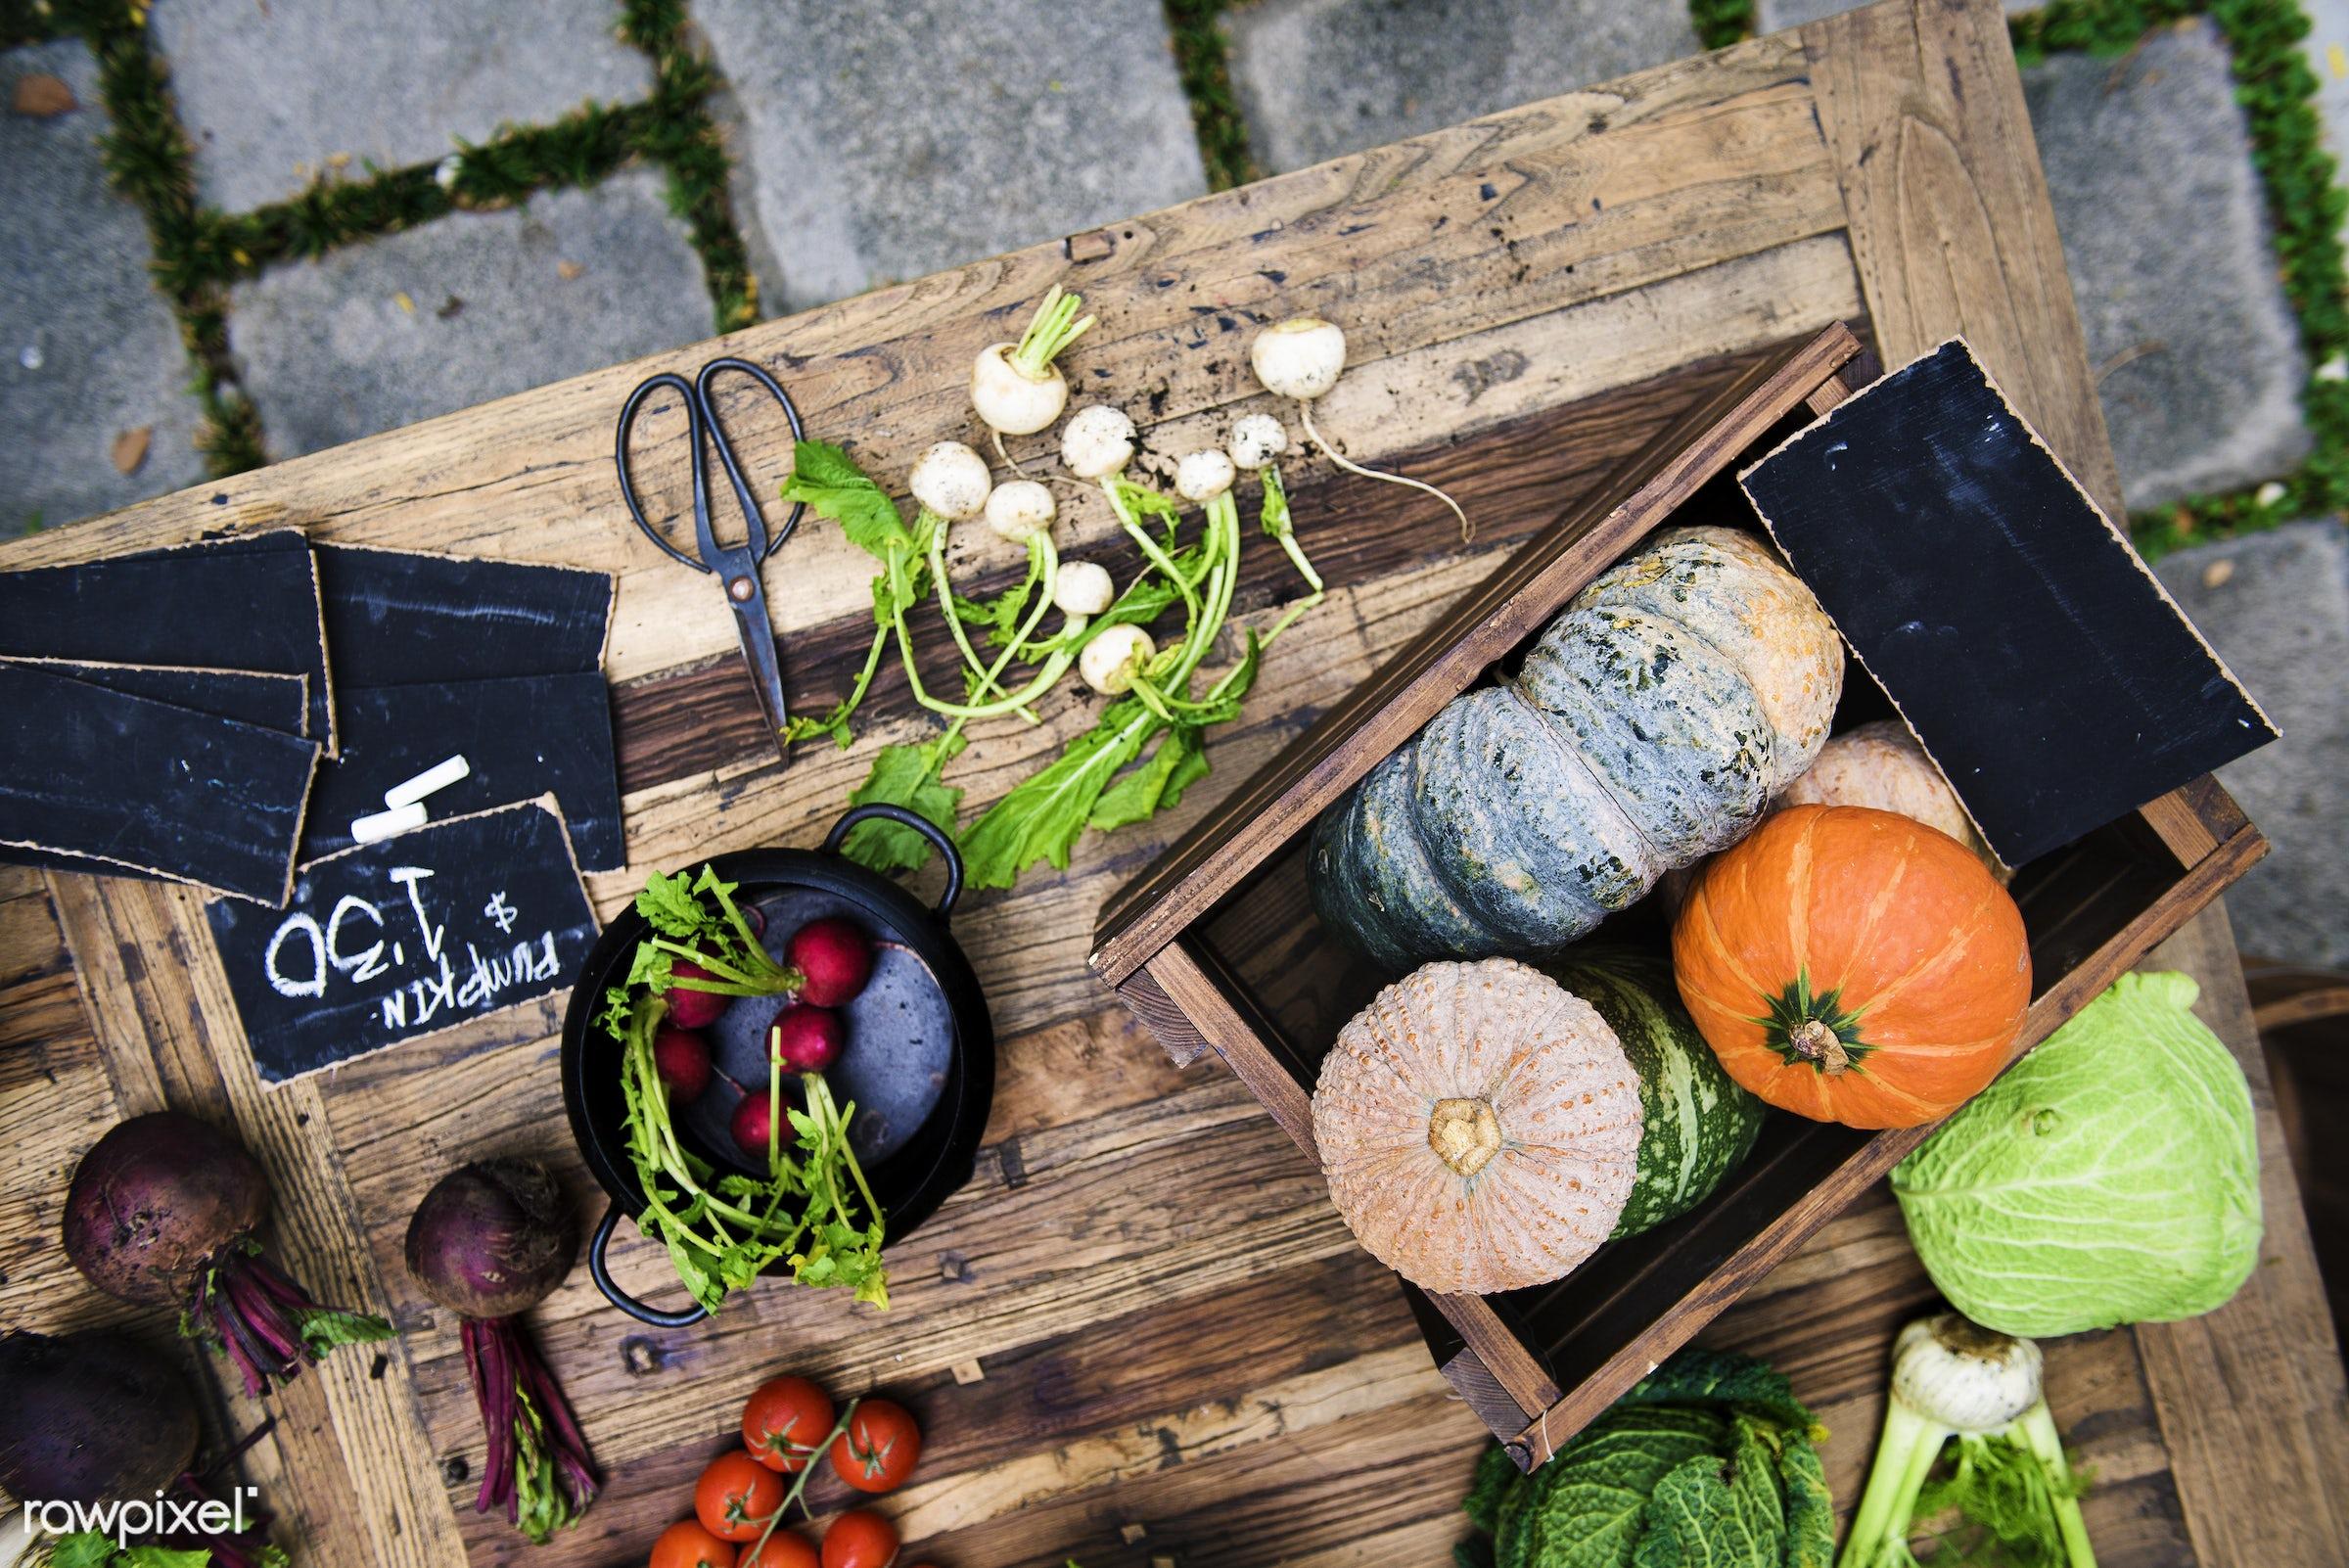 cuisine, turnips, gastronomy, ingredients, buying, veggie, gourmet, selling, wooden bucket, pumpkin, vegetables, aerial,...